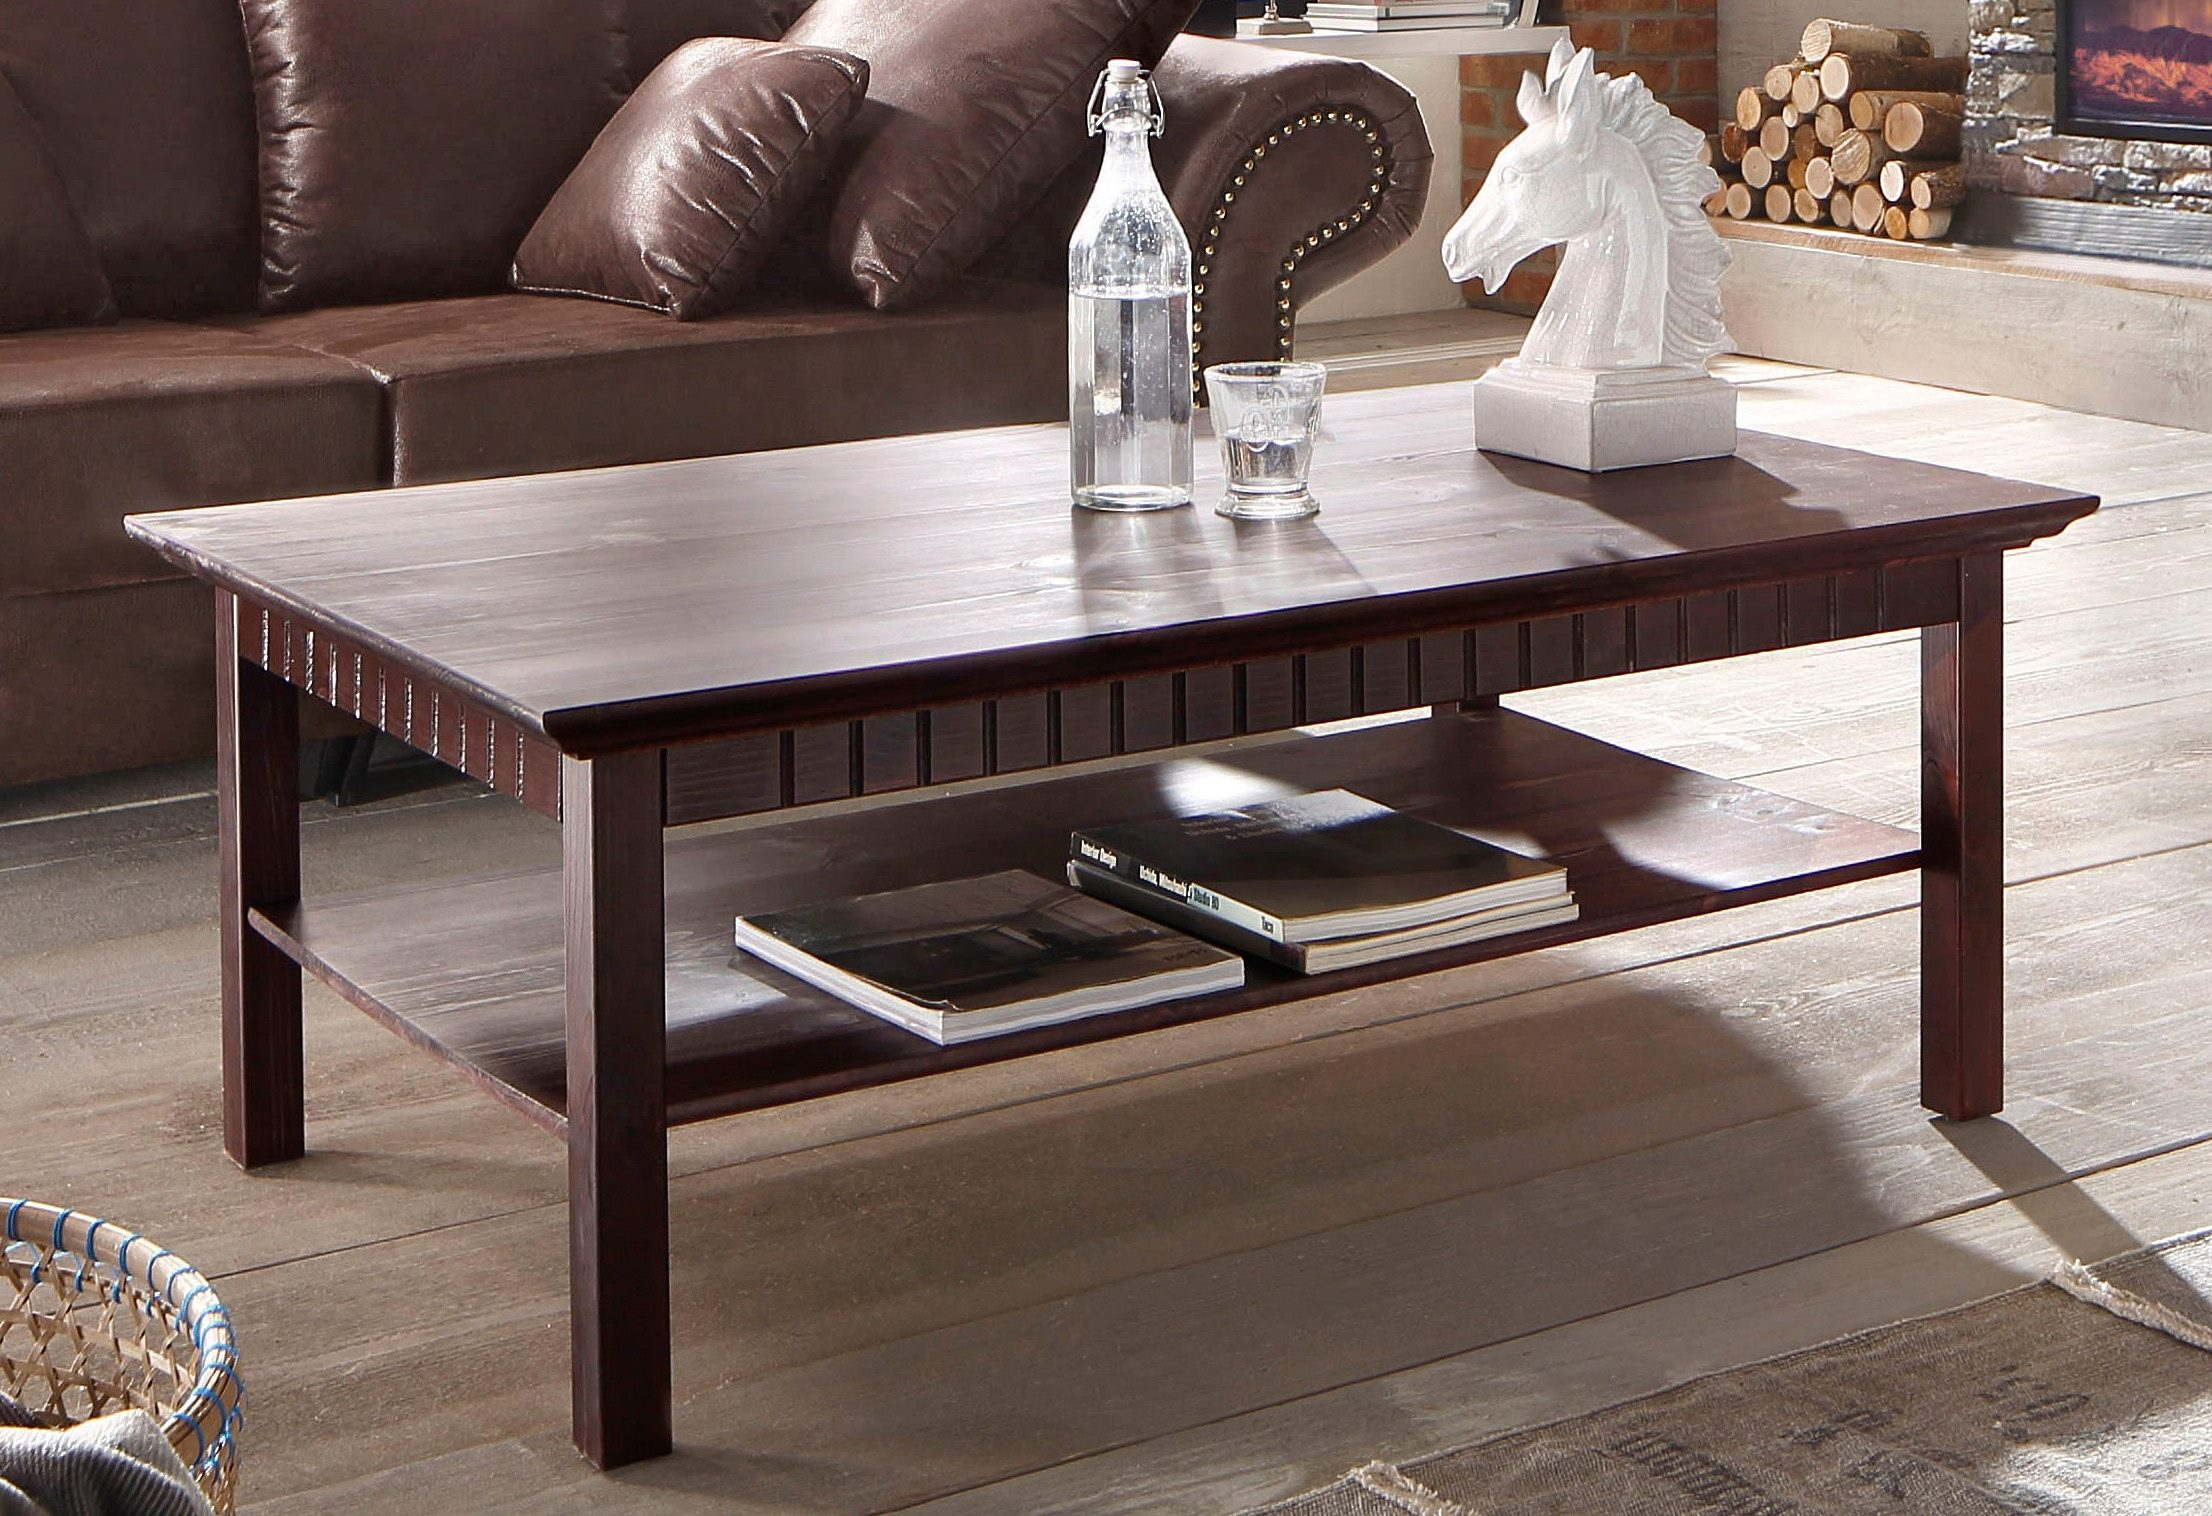 Home affaire Couchtisch | Wohnzimmer > Tische > Couchtische | Braun | Geölt - Gebeizt | Home Affaire